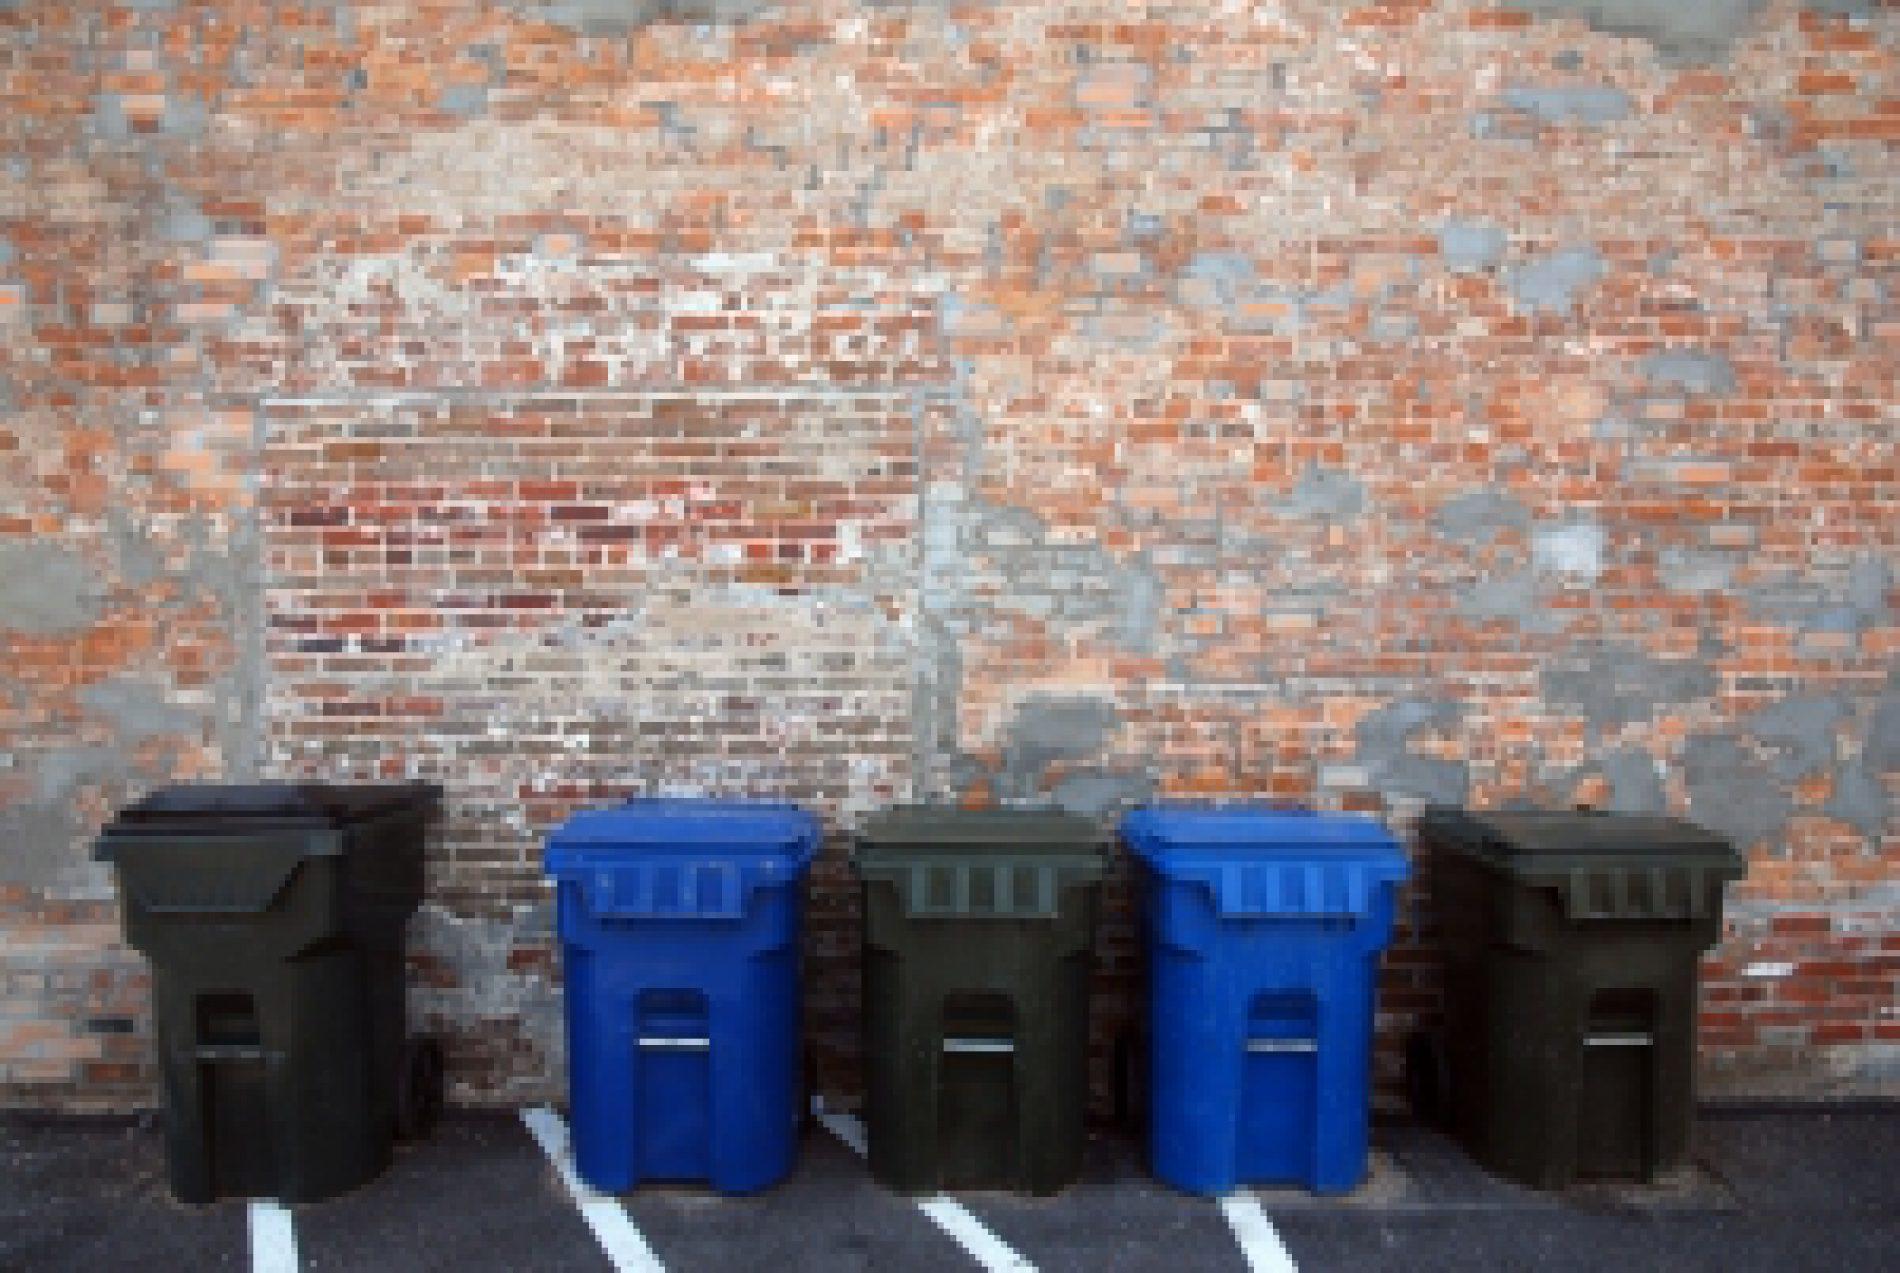 Od dziś obowiązują nowe przepisy o segregacji śmieci